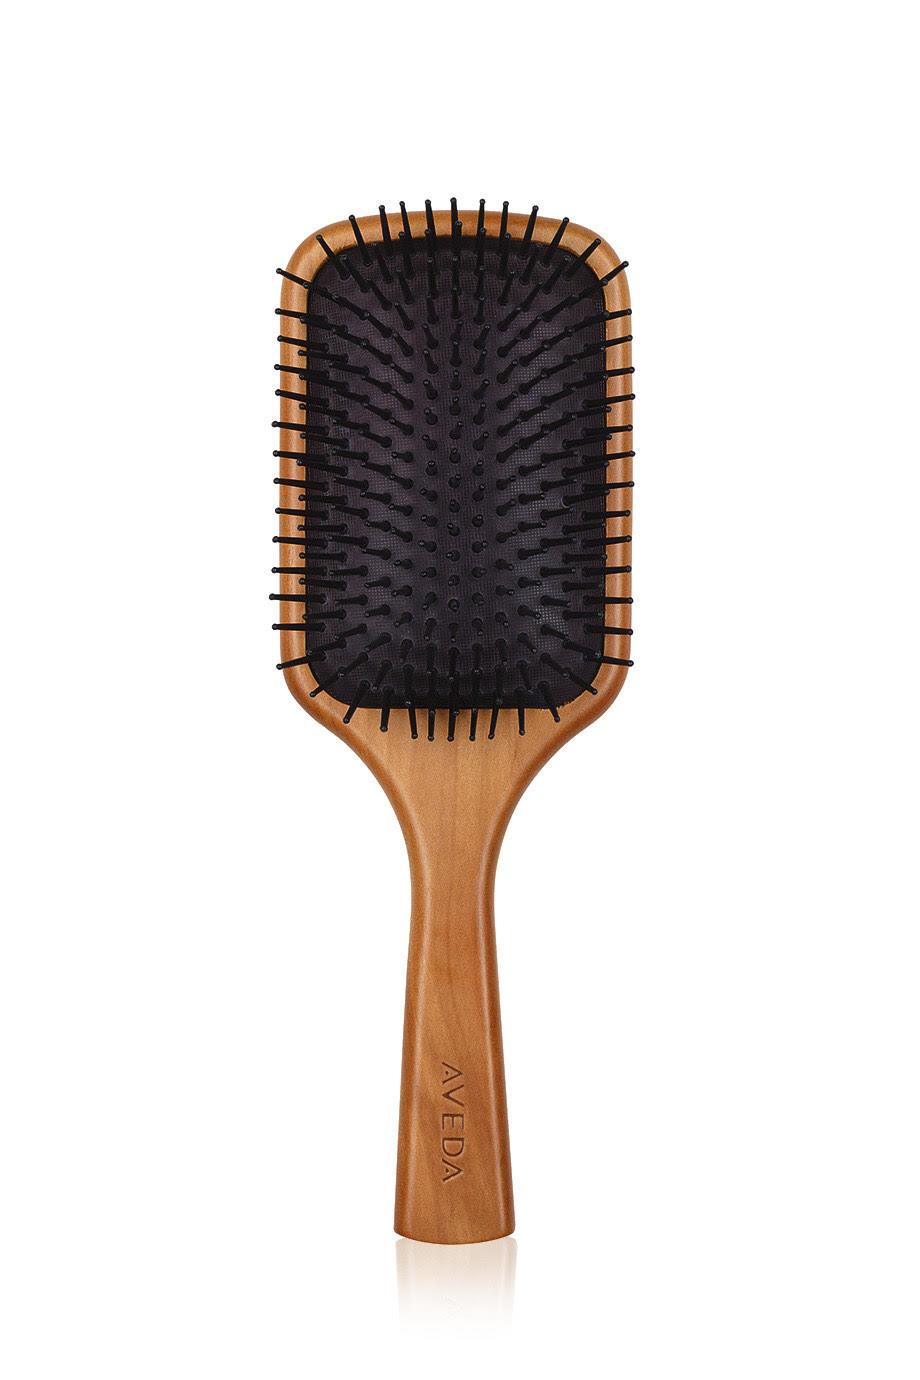 Щетка для волос Aveda Wooden Hair, мягко распутывает волосы и массирует кожу головы, 3 910 р.